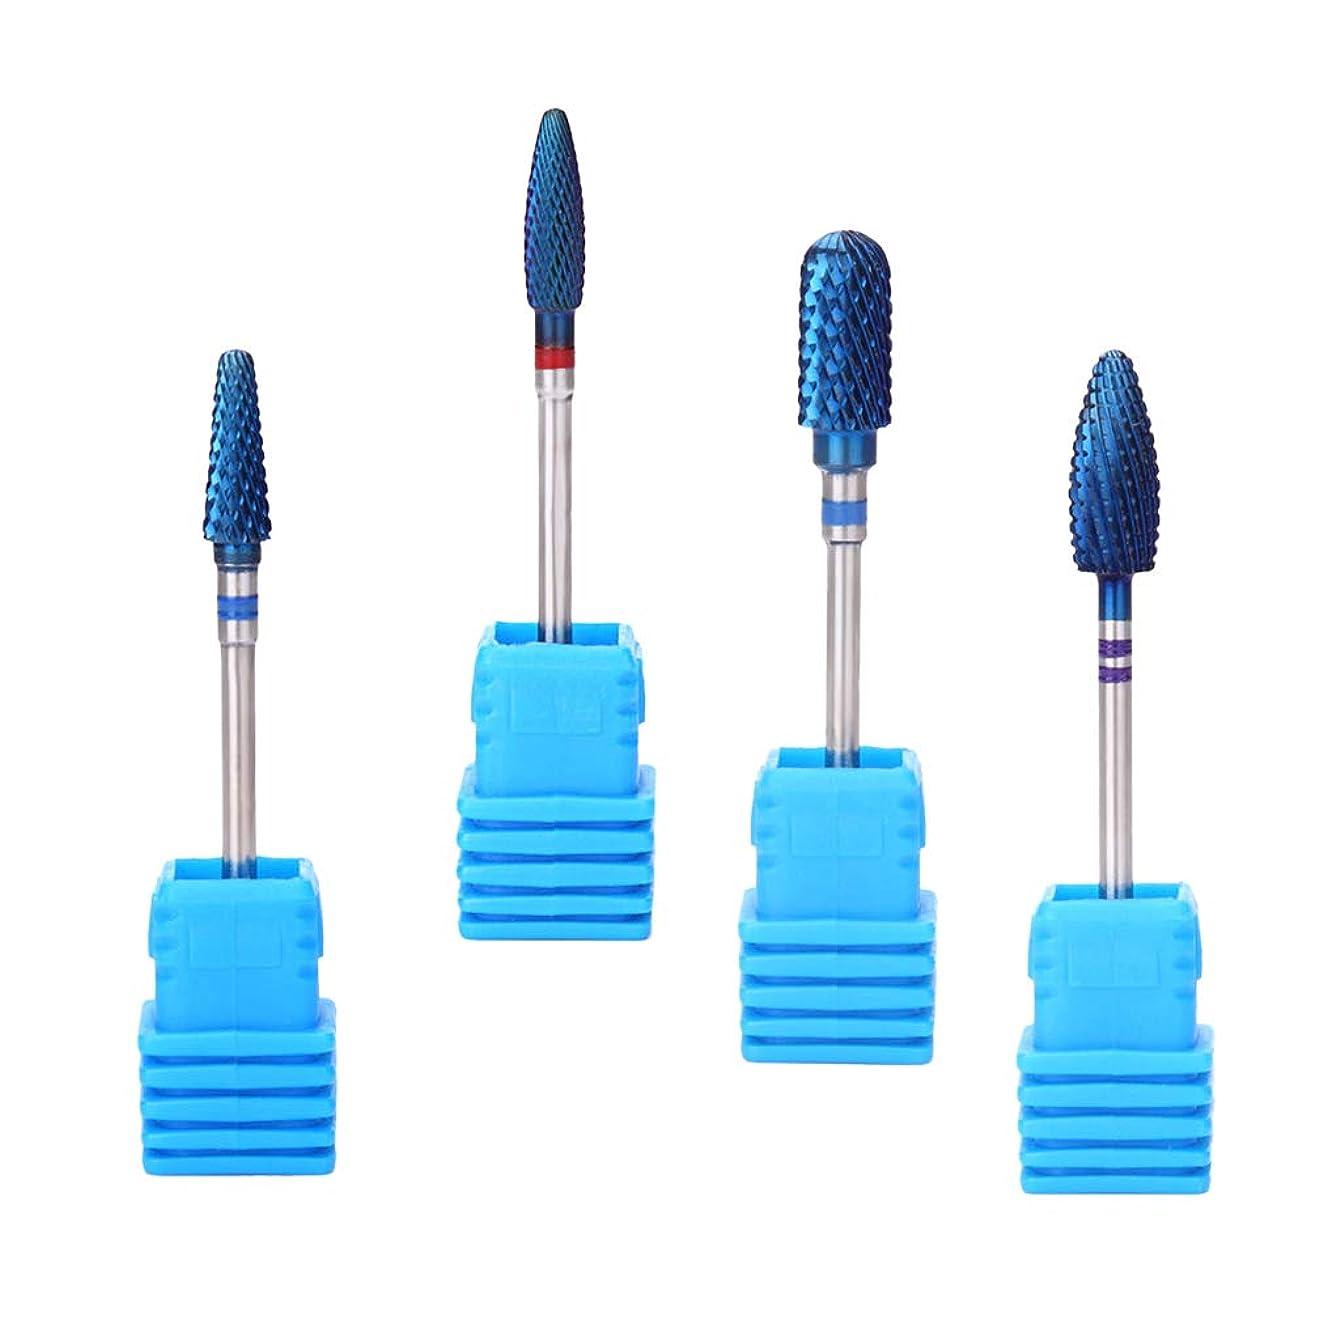 掃除中古病気F Fityle ネイル研削ヘッド ネイルバレルヘッド ネイルアート ネイルサロン用 全2選択 - ブルービット(4個)